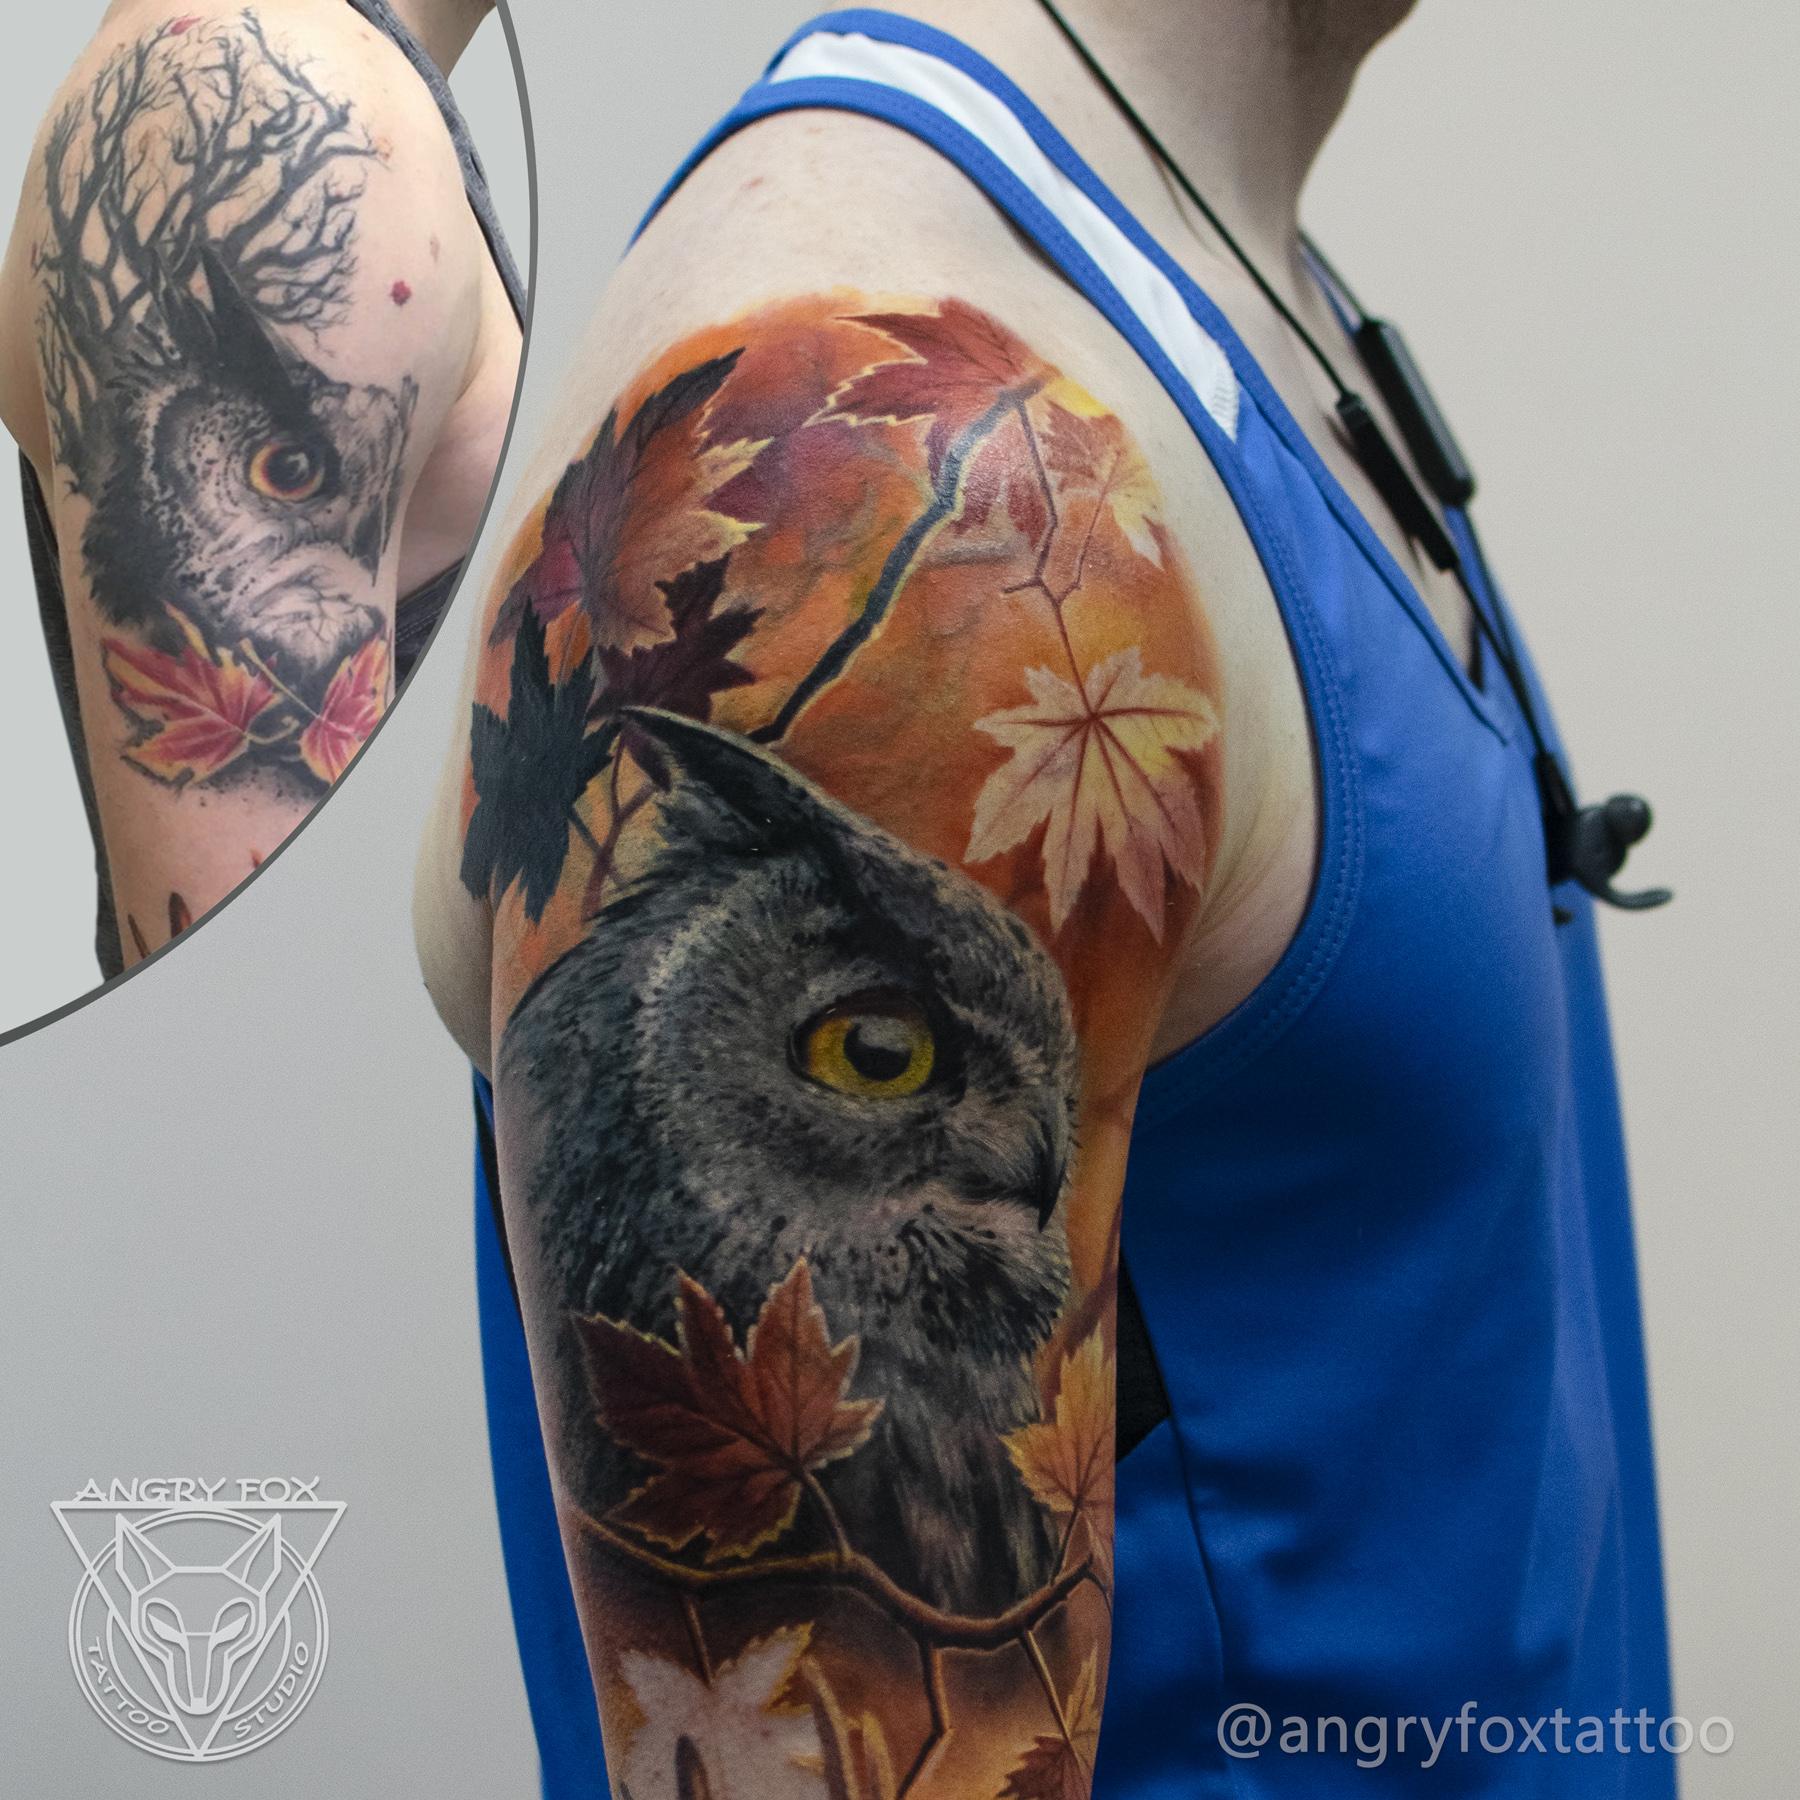 татуировка, тату, каверап, коррекция, плечо, рука, мужчина, клен, листья, реализм, филин, сова, сыч